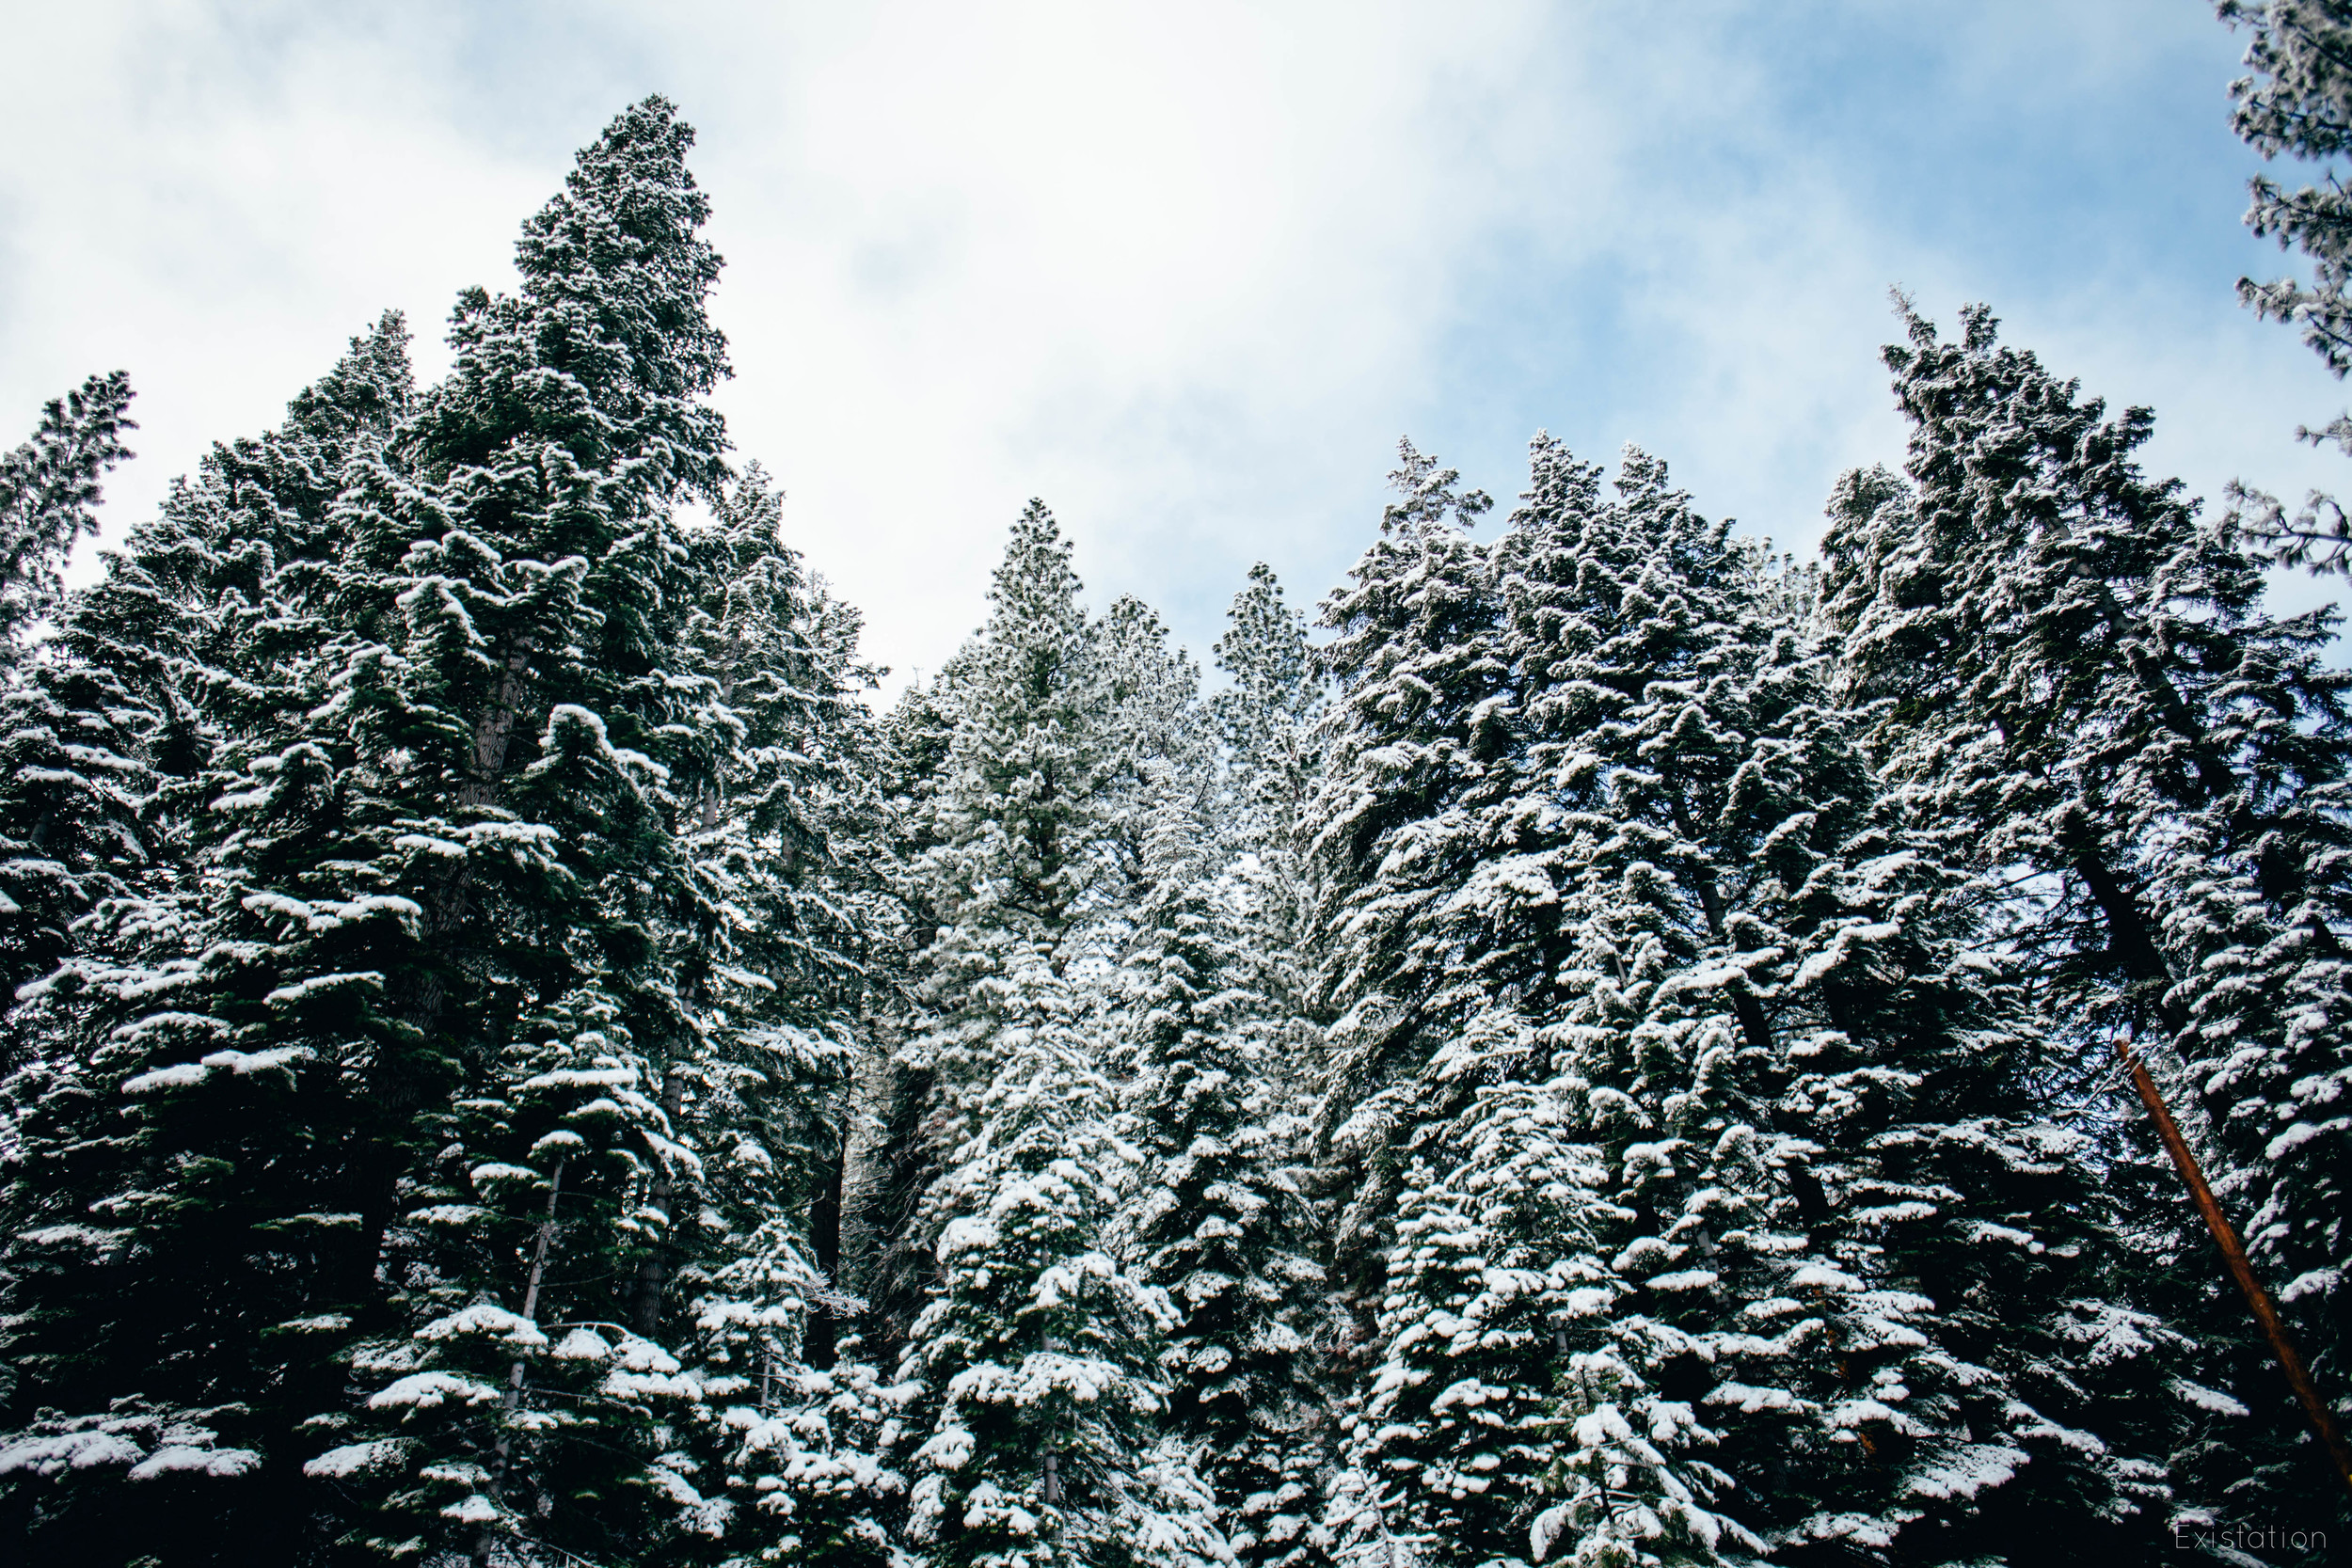 truckee snow trees